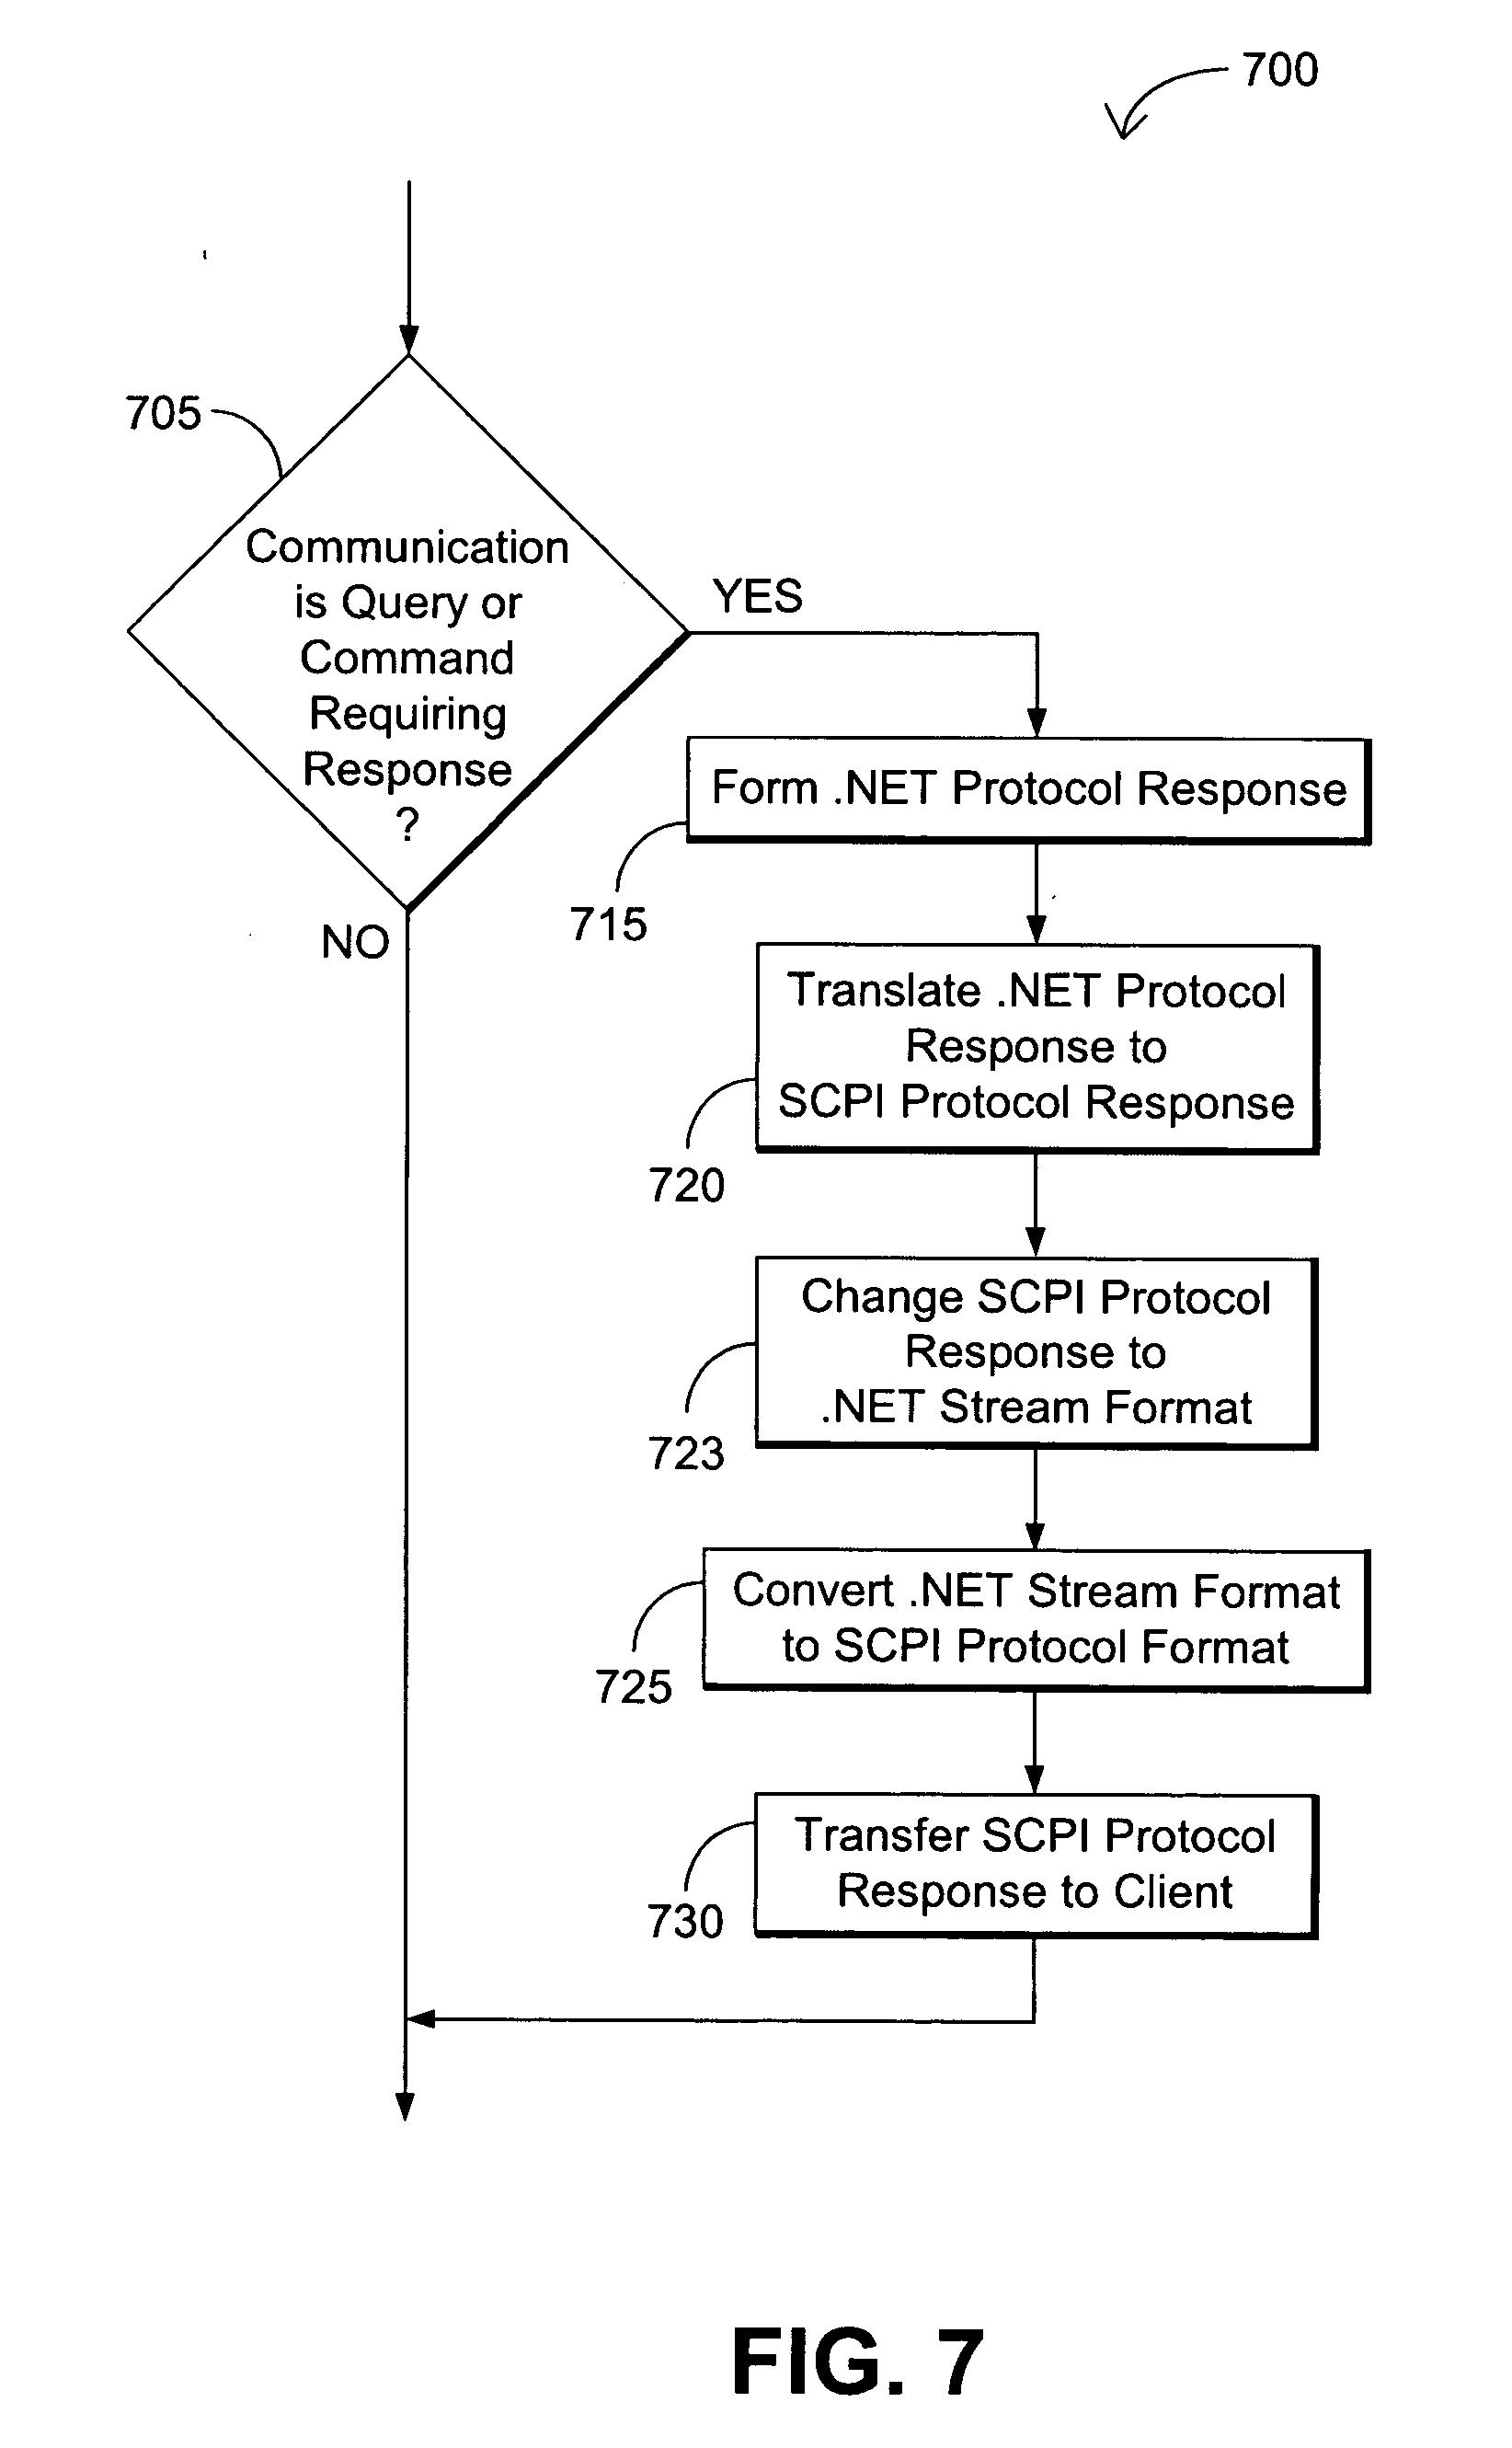 براءة الاختراع US20050232302 - Translation between SCPI protocol